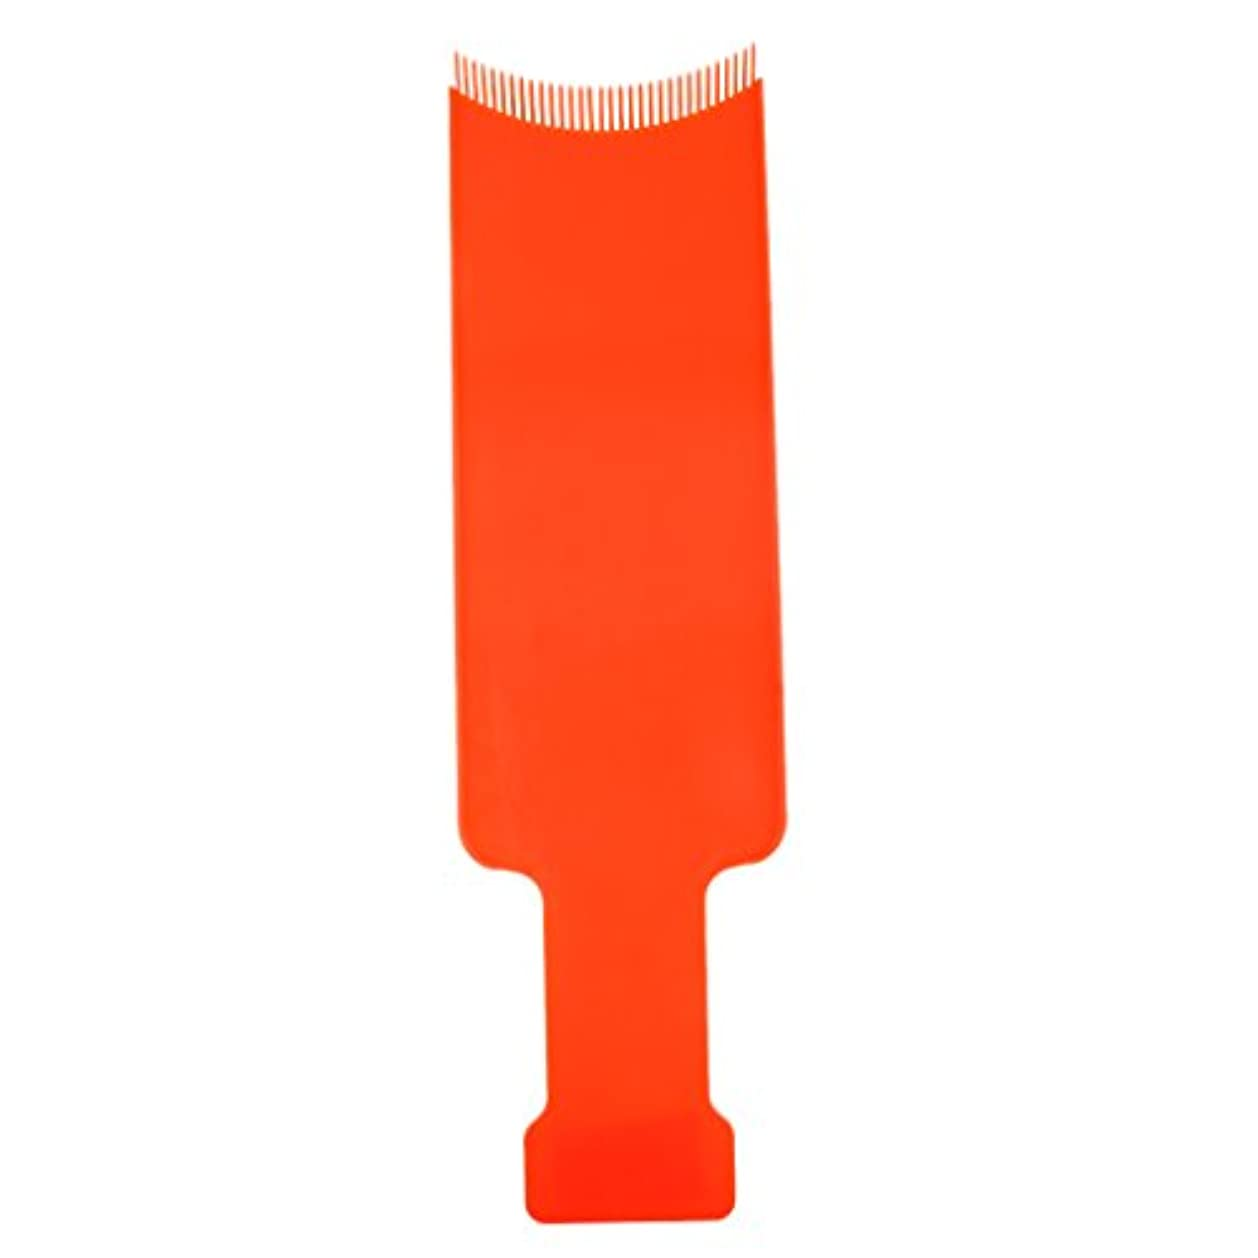 ハーネスから予備Kesoto 染色櫛プレート 染めボード 髪を染め 頭皮保護 着色ボード ヘアブラシ ヘアコーム ヘアカラー 櫛 2サイズ2色選べる - L, オレンジ